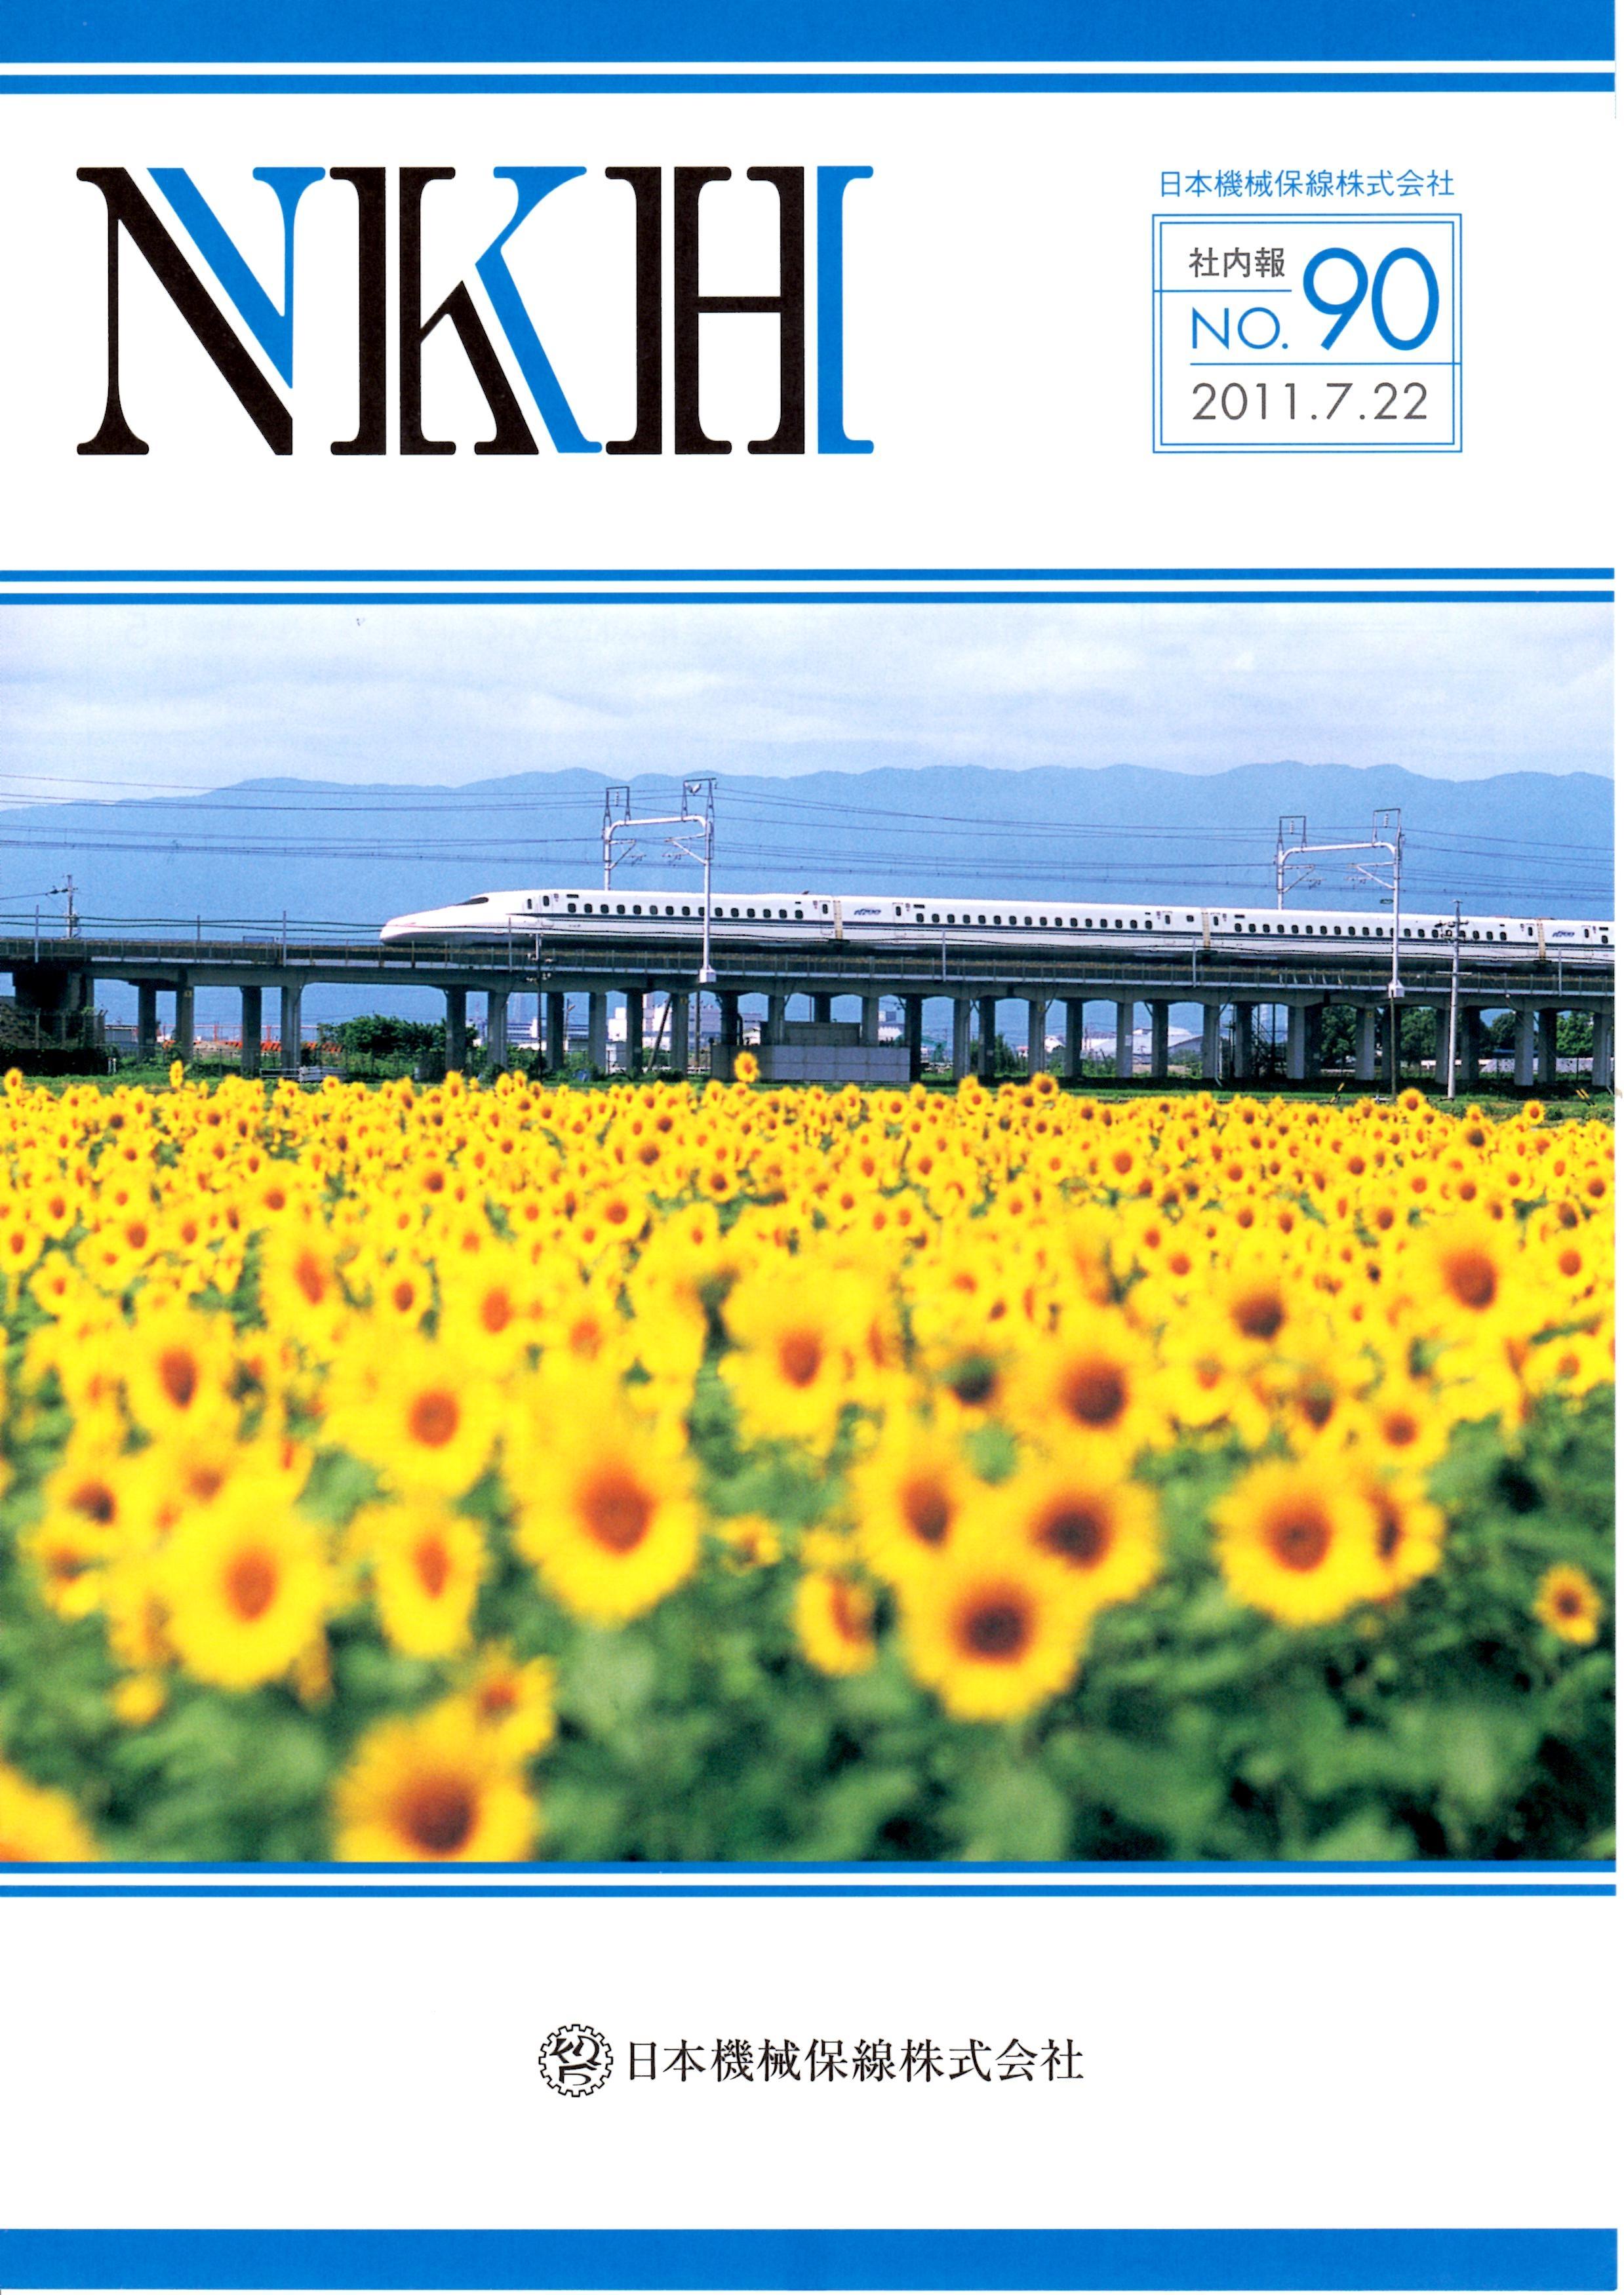 NKH90.jpg